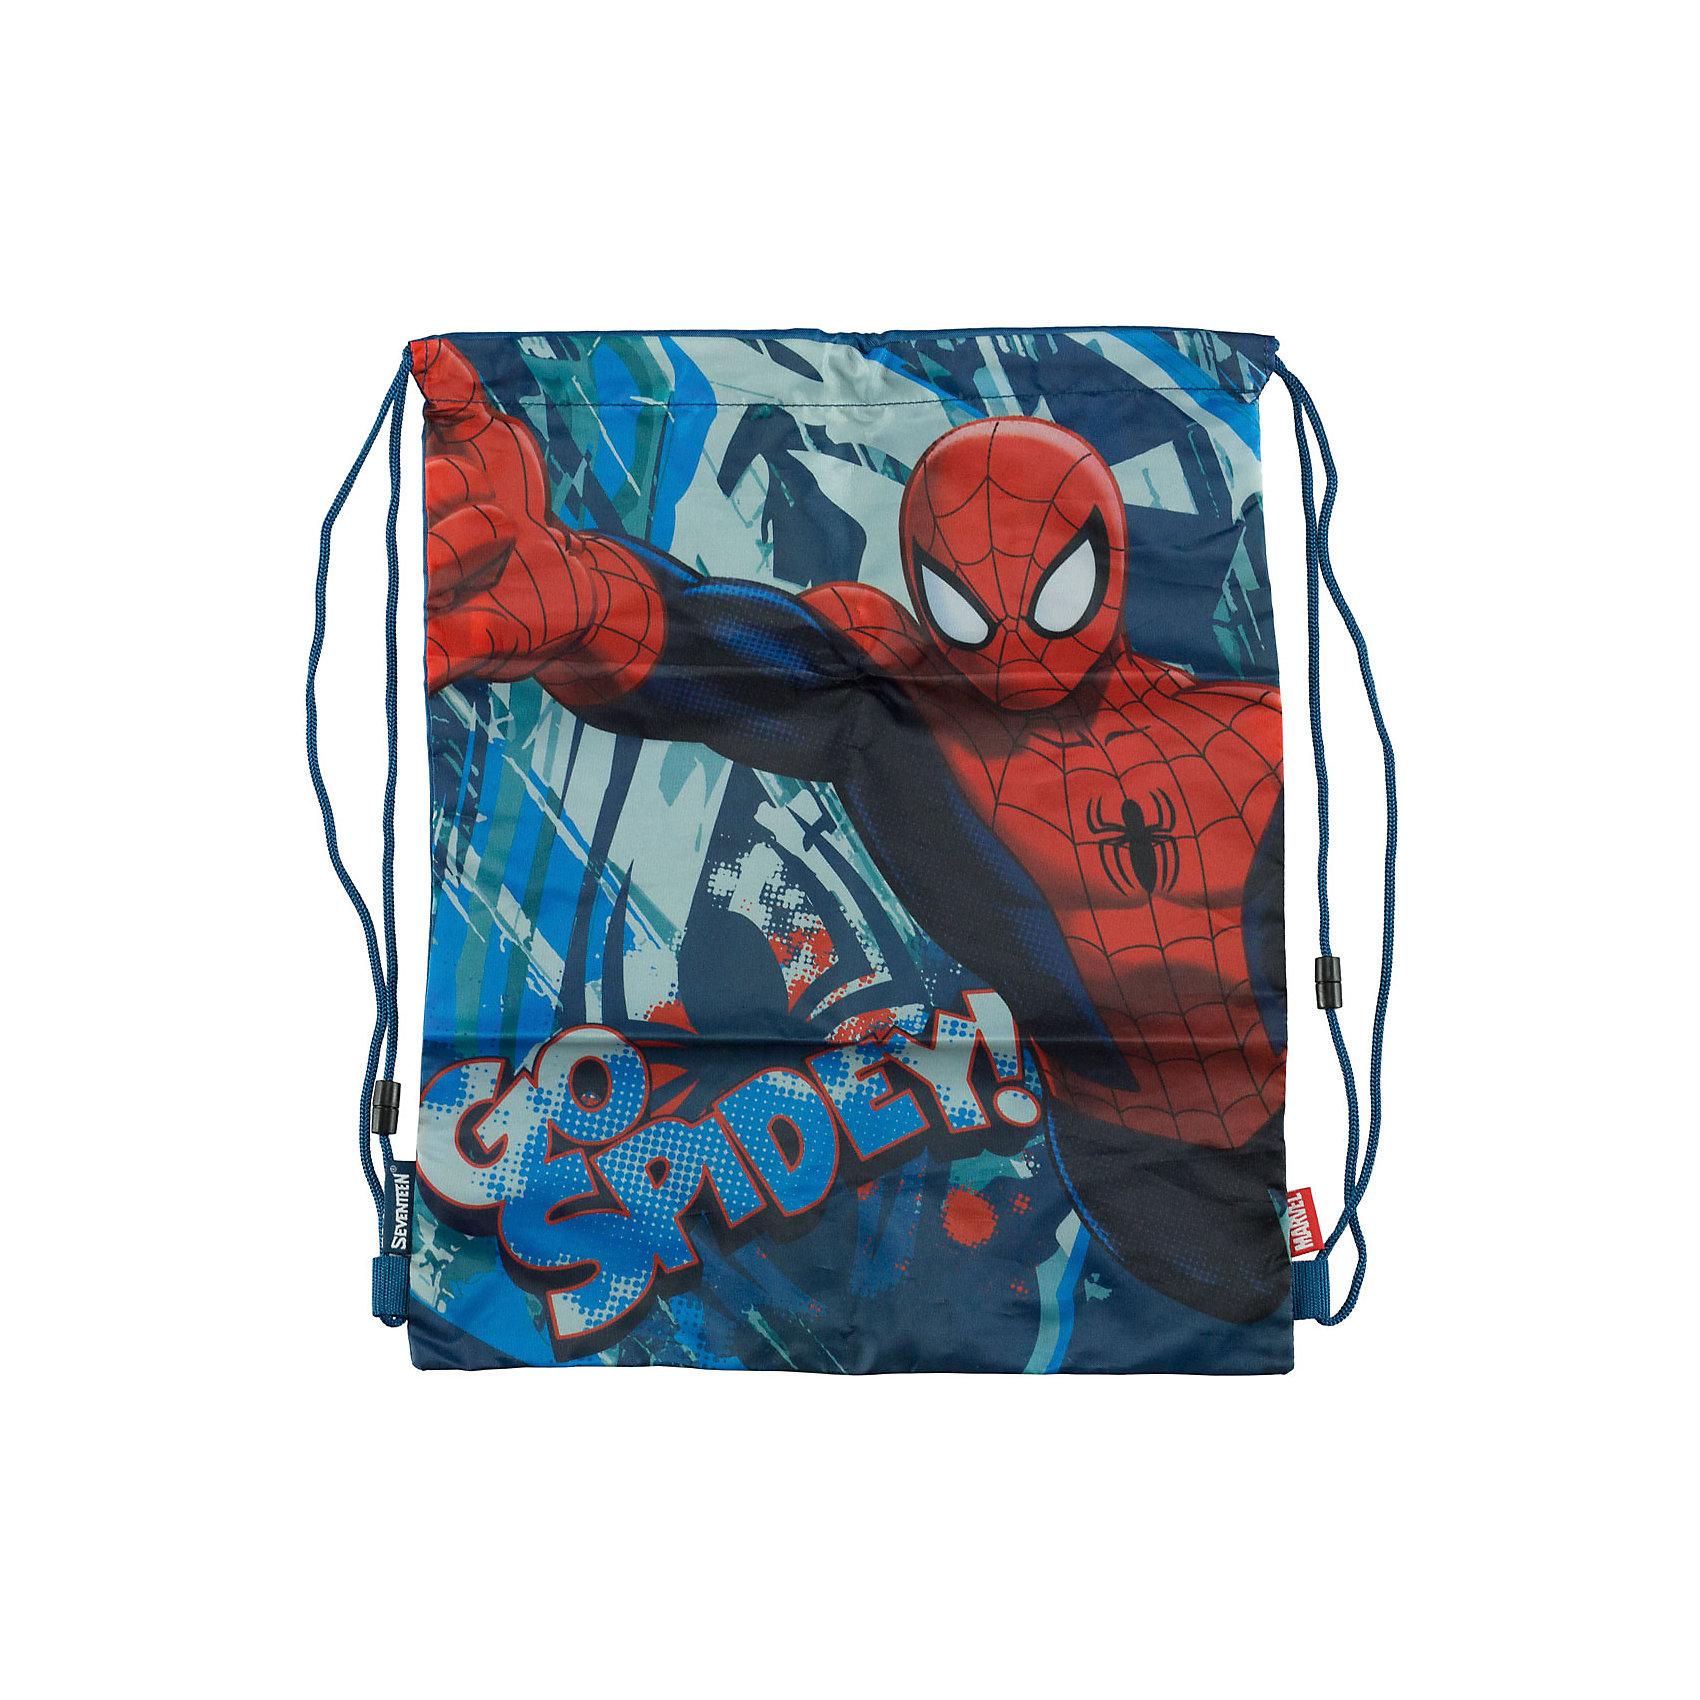 Академия групп Сумка-рюкзак для обуви, Человек-Паук академия групп сумка рюкзак для обуви человек паук